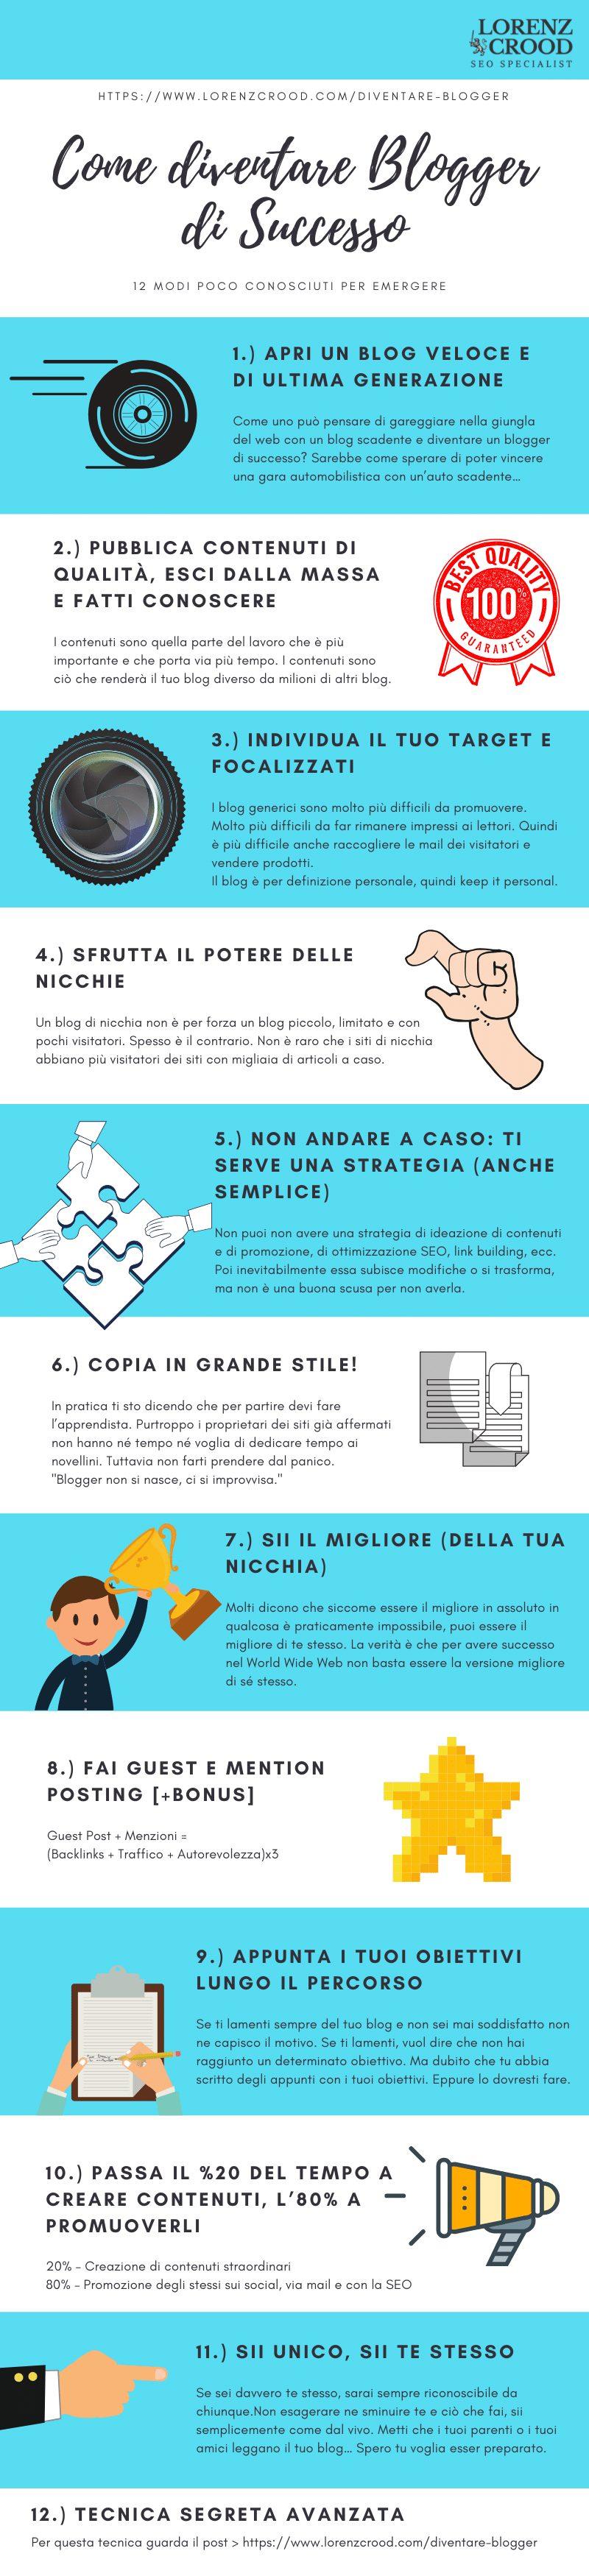 infografica su come diventare blogger